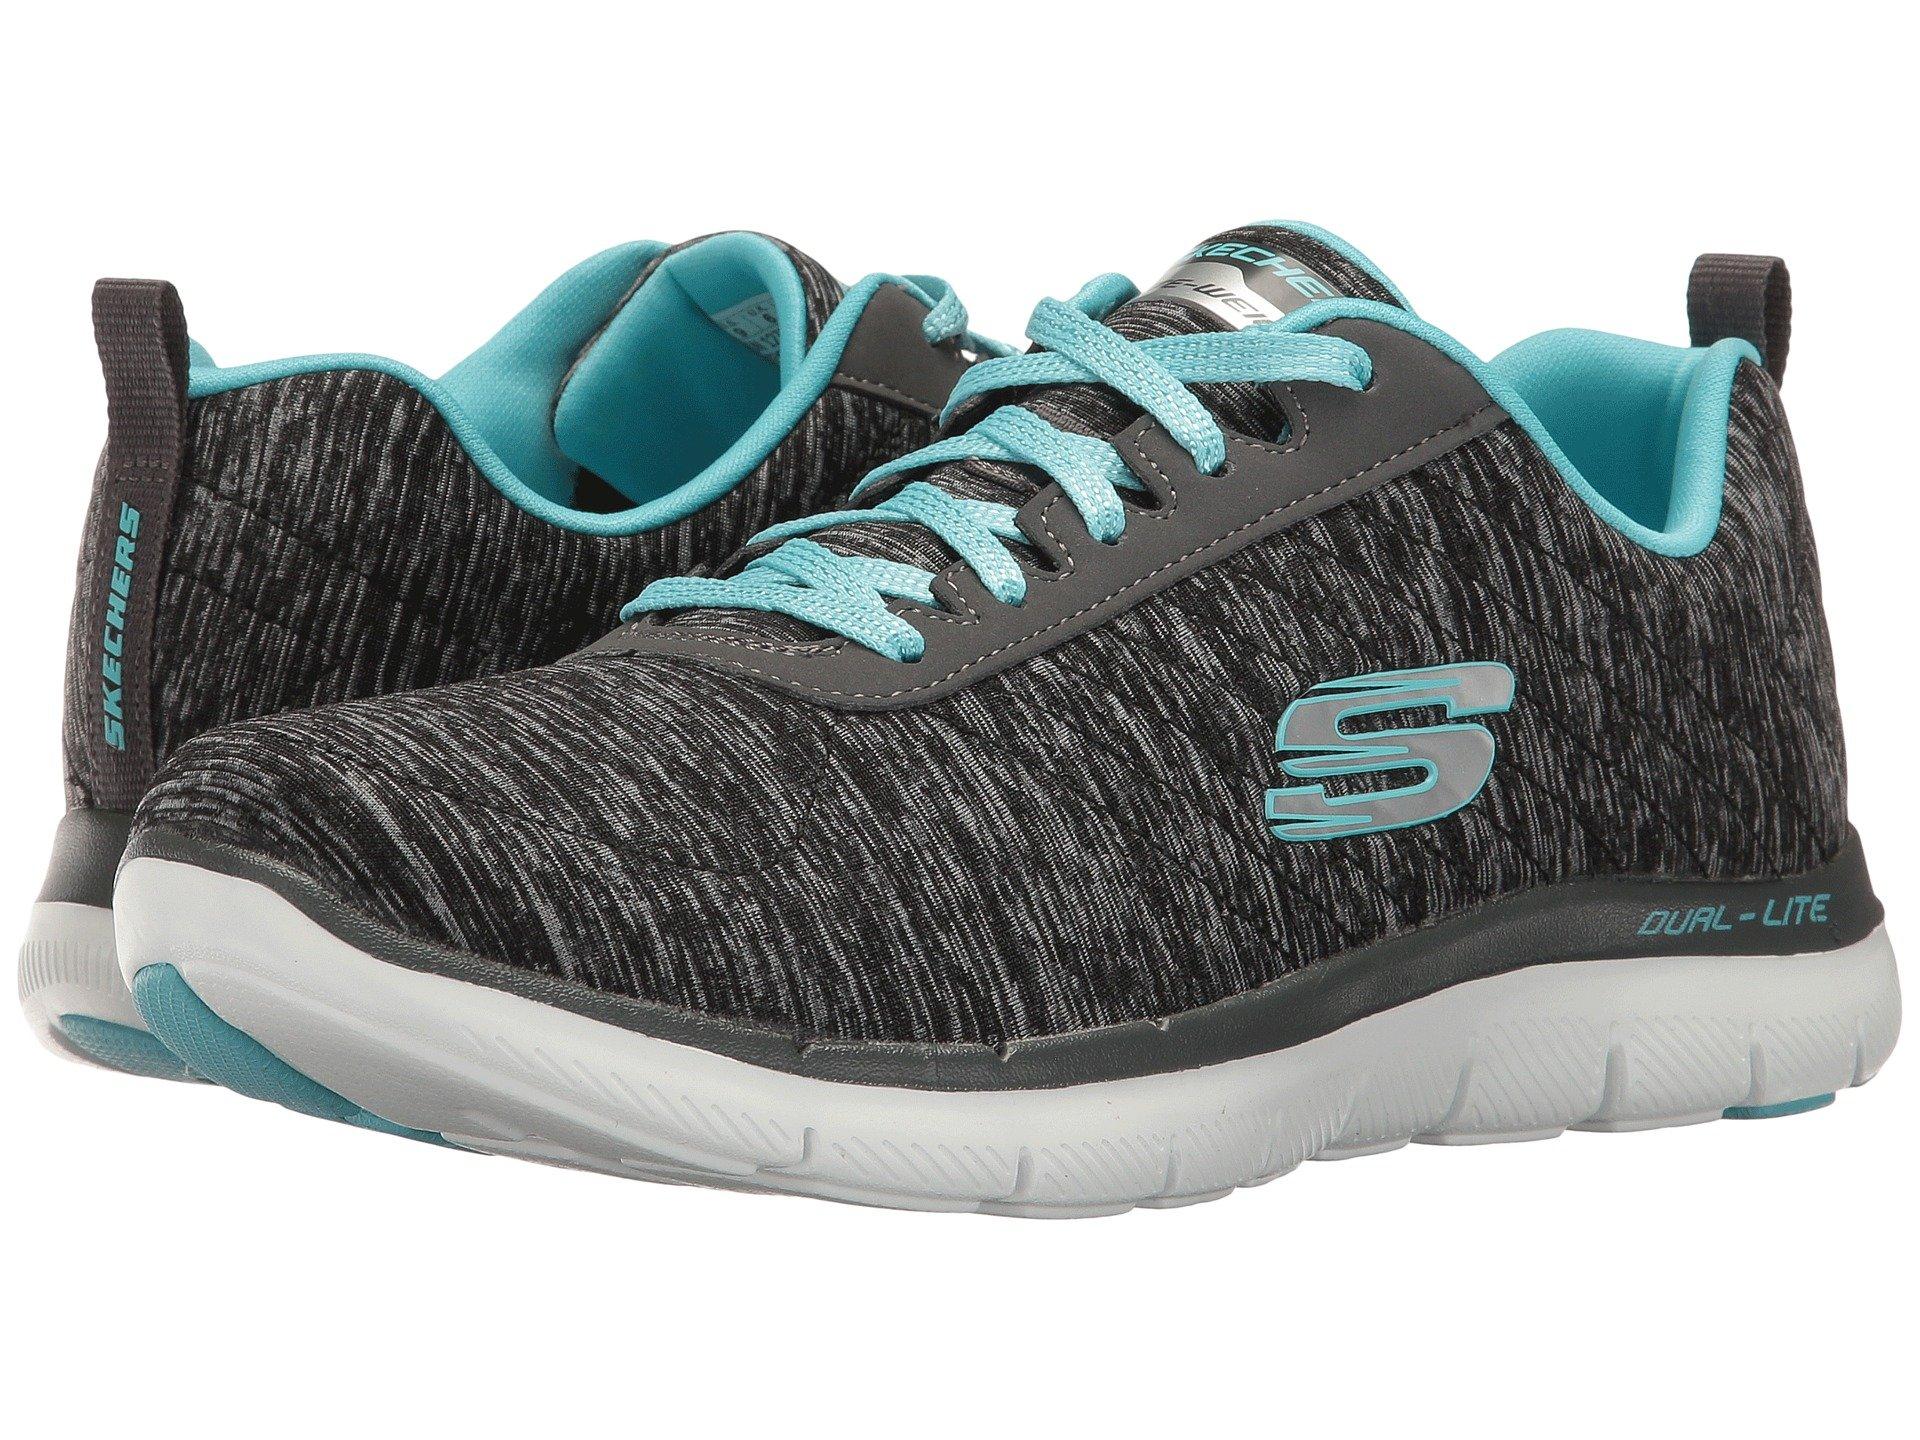 skechers lightweight flex sole Sale,up to 42% DiscountsDiscounts